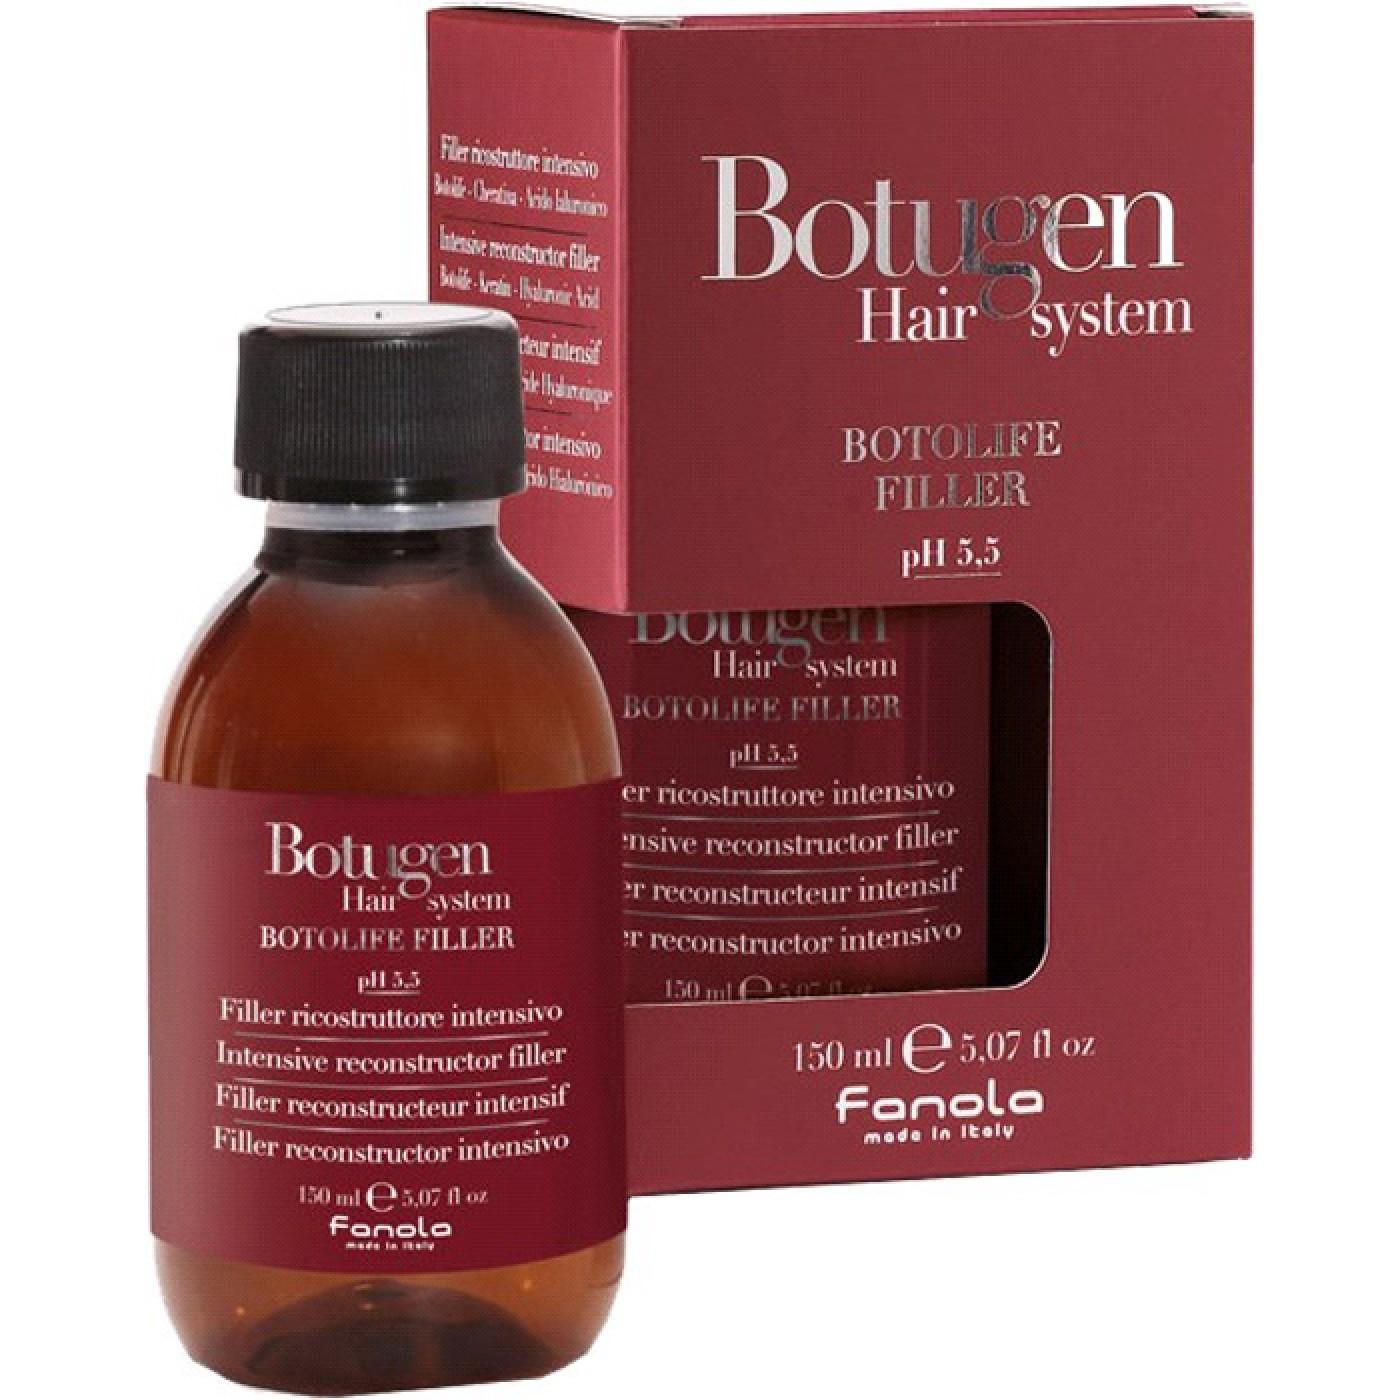 botugen hair system